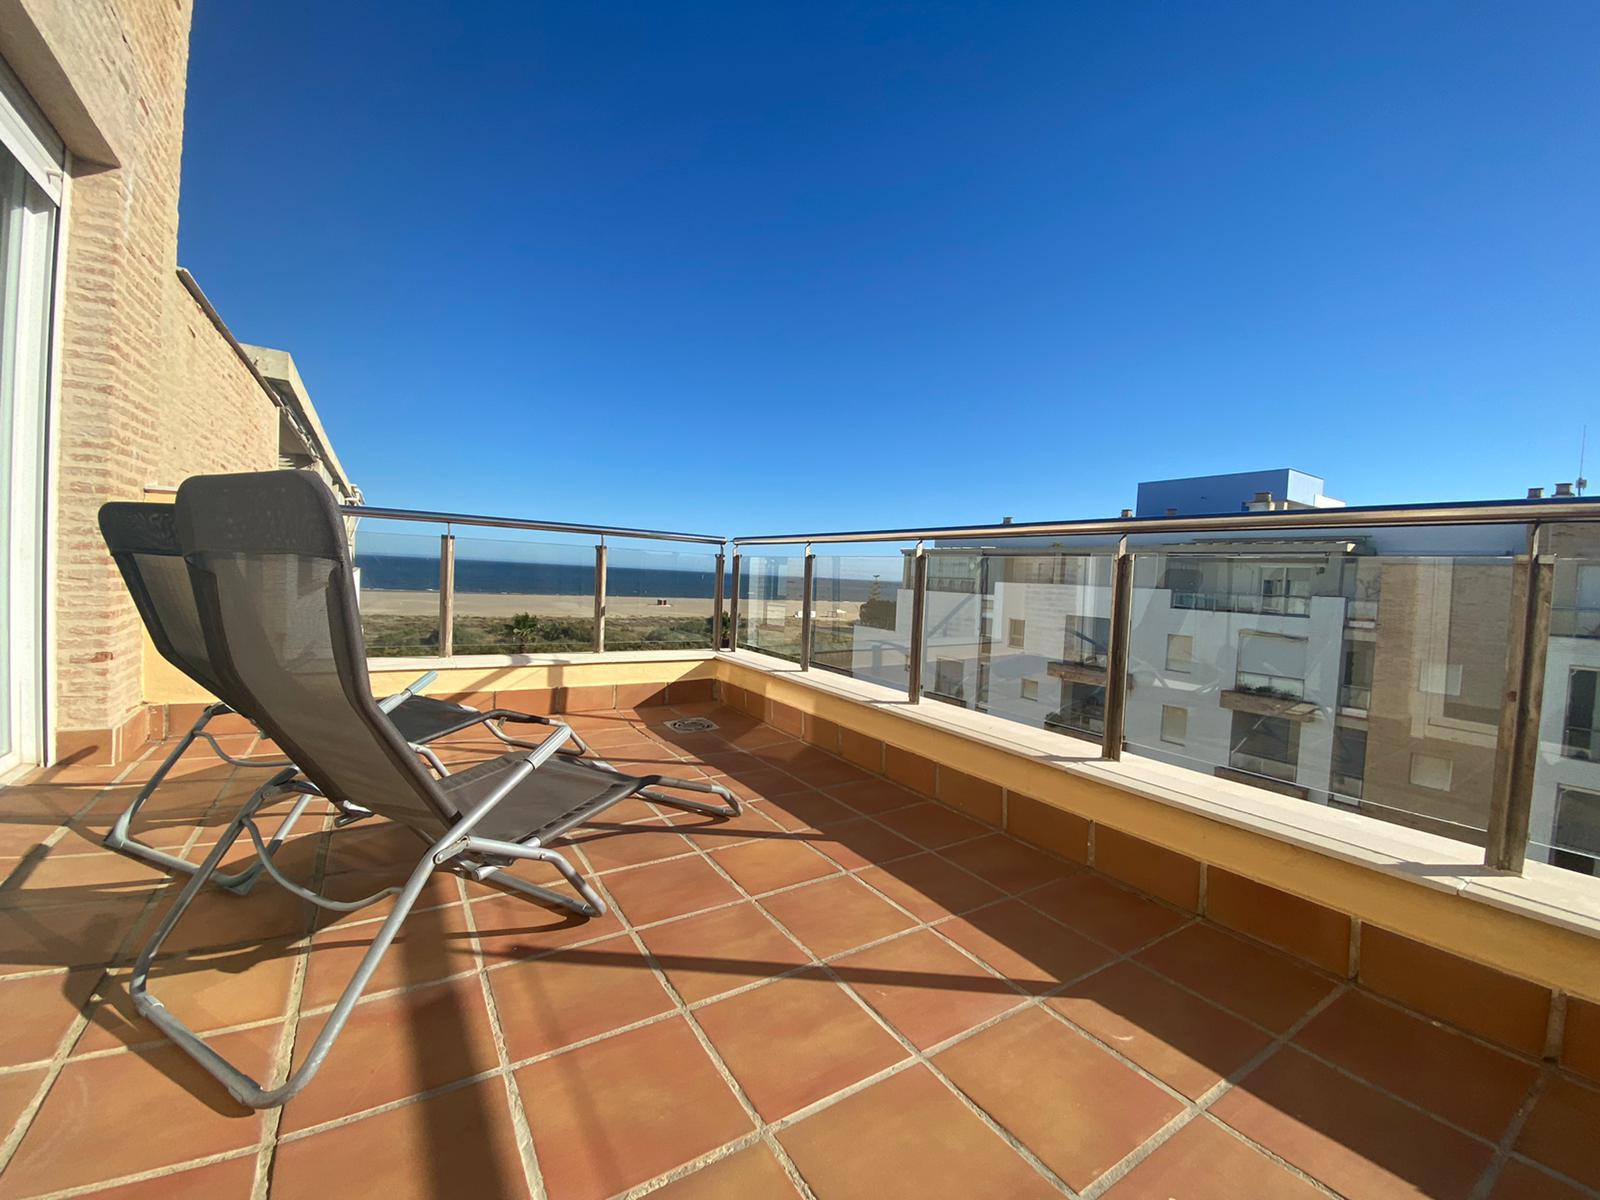 Imagen 1 del Apartamento Turístico, Ático 1 Levante (3d+2b), Punta del Moral (HUELVA), Paseo de la Cruz nº22